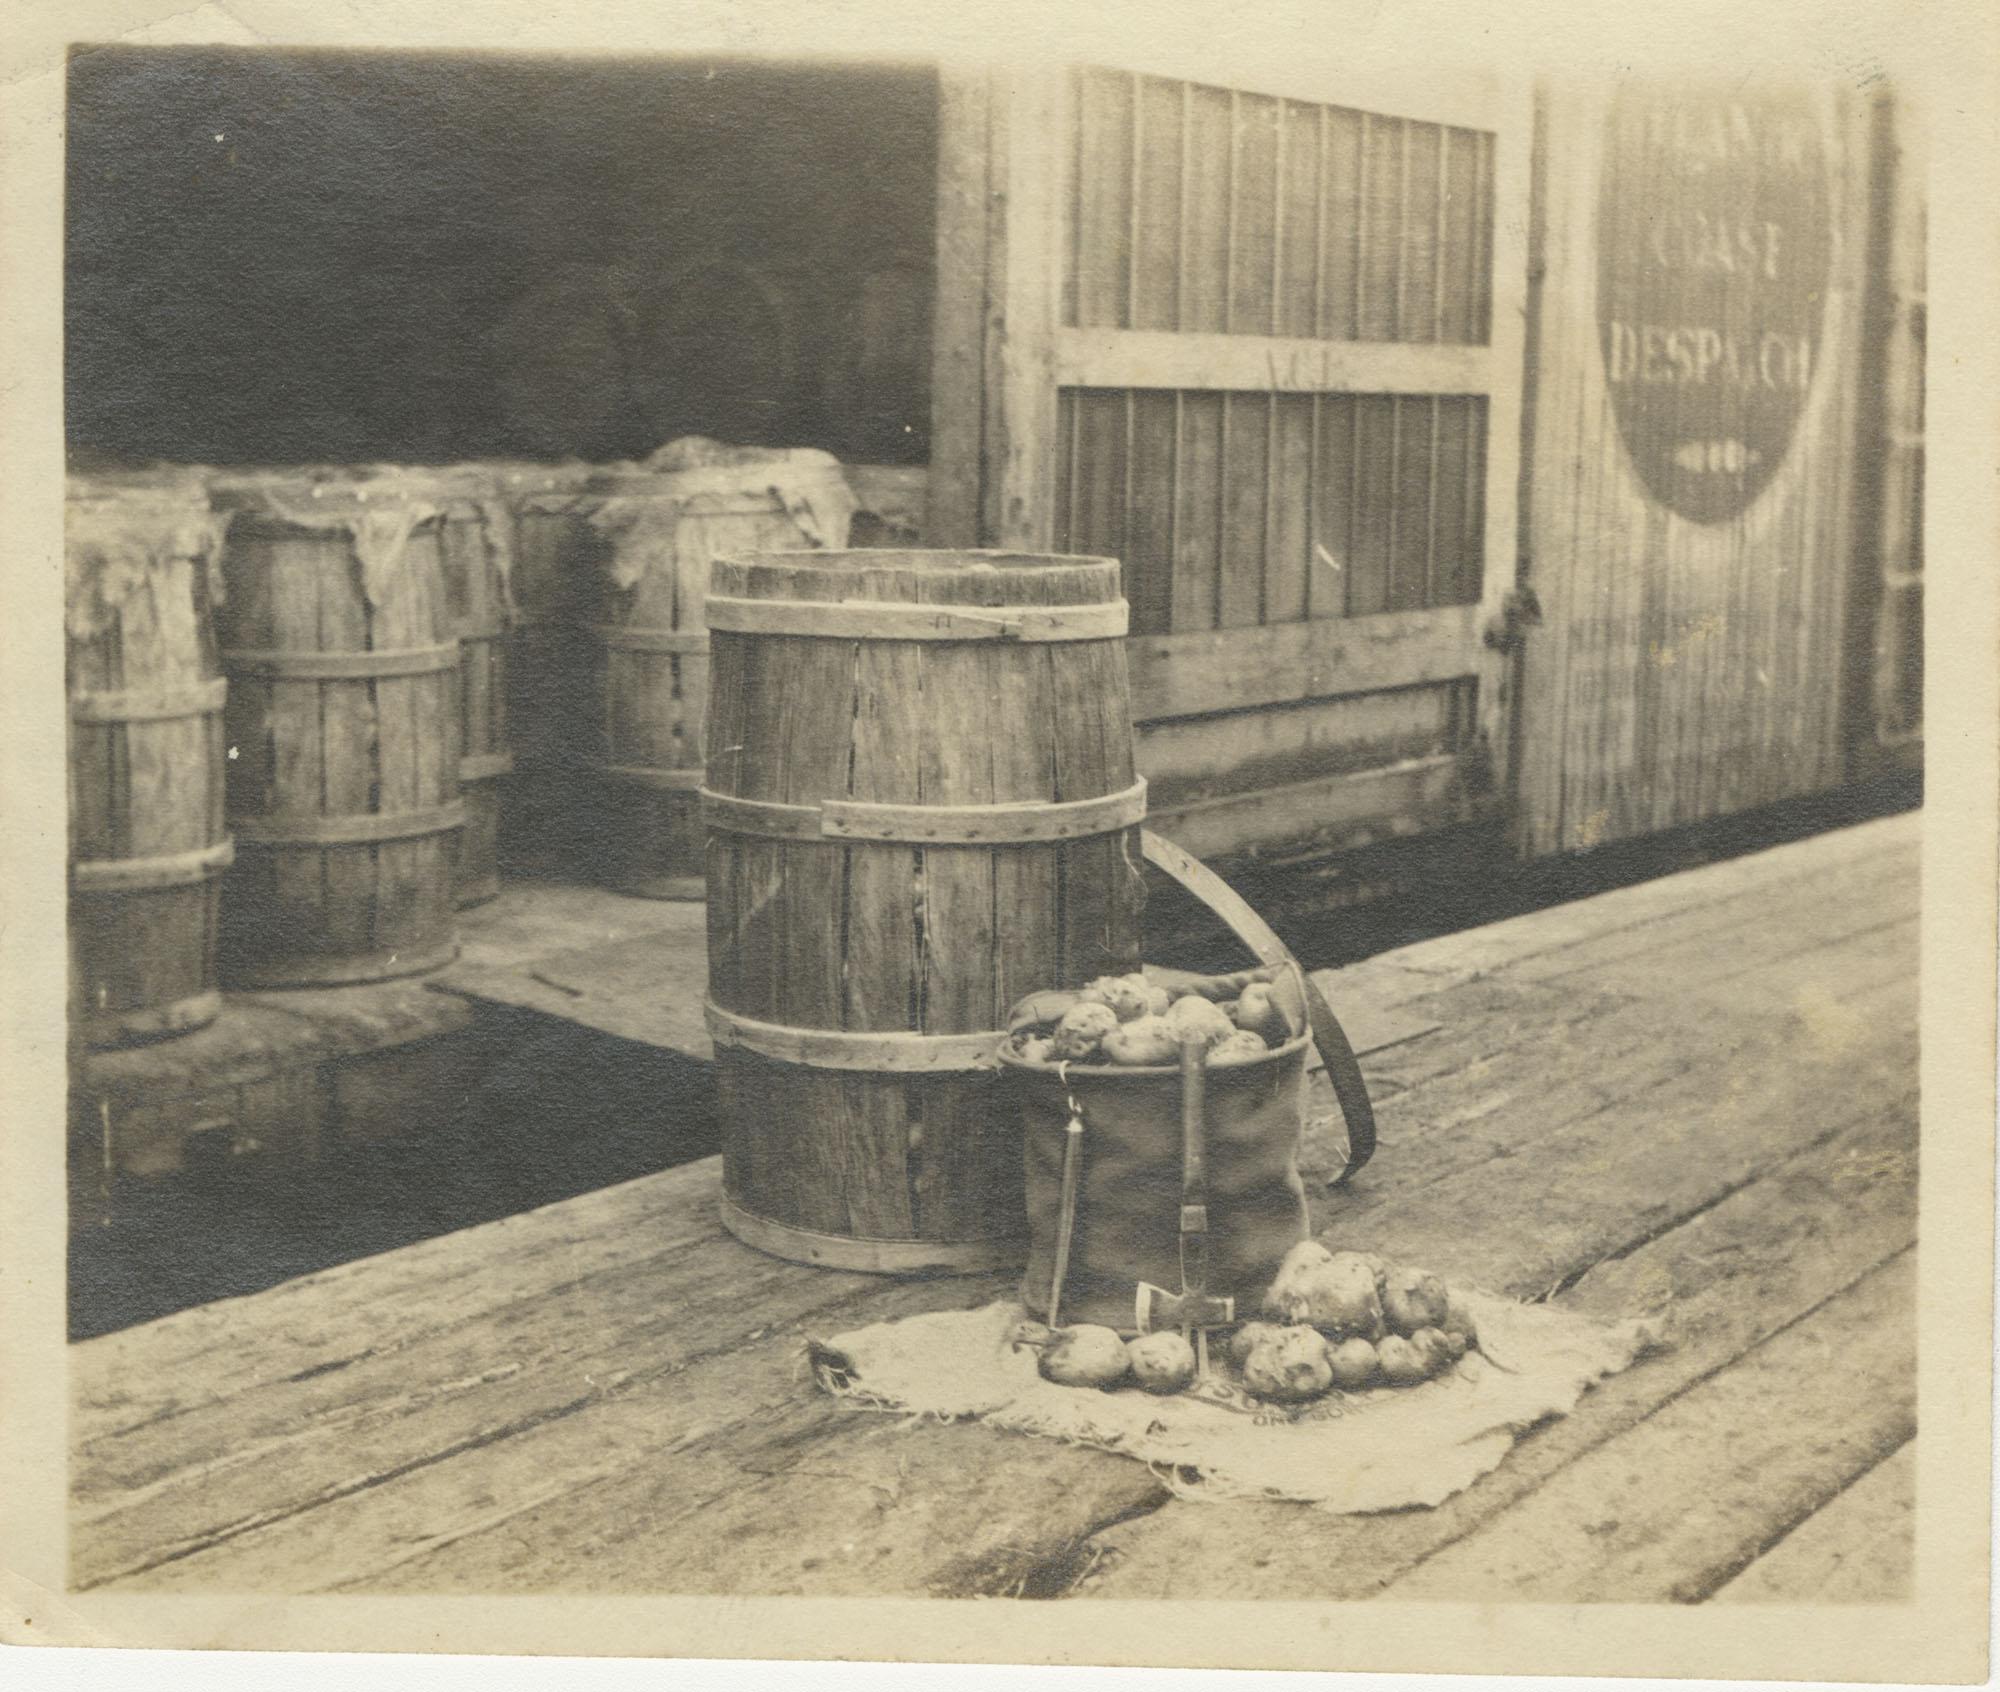 Potato Barrels and Bag